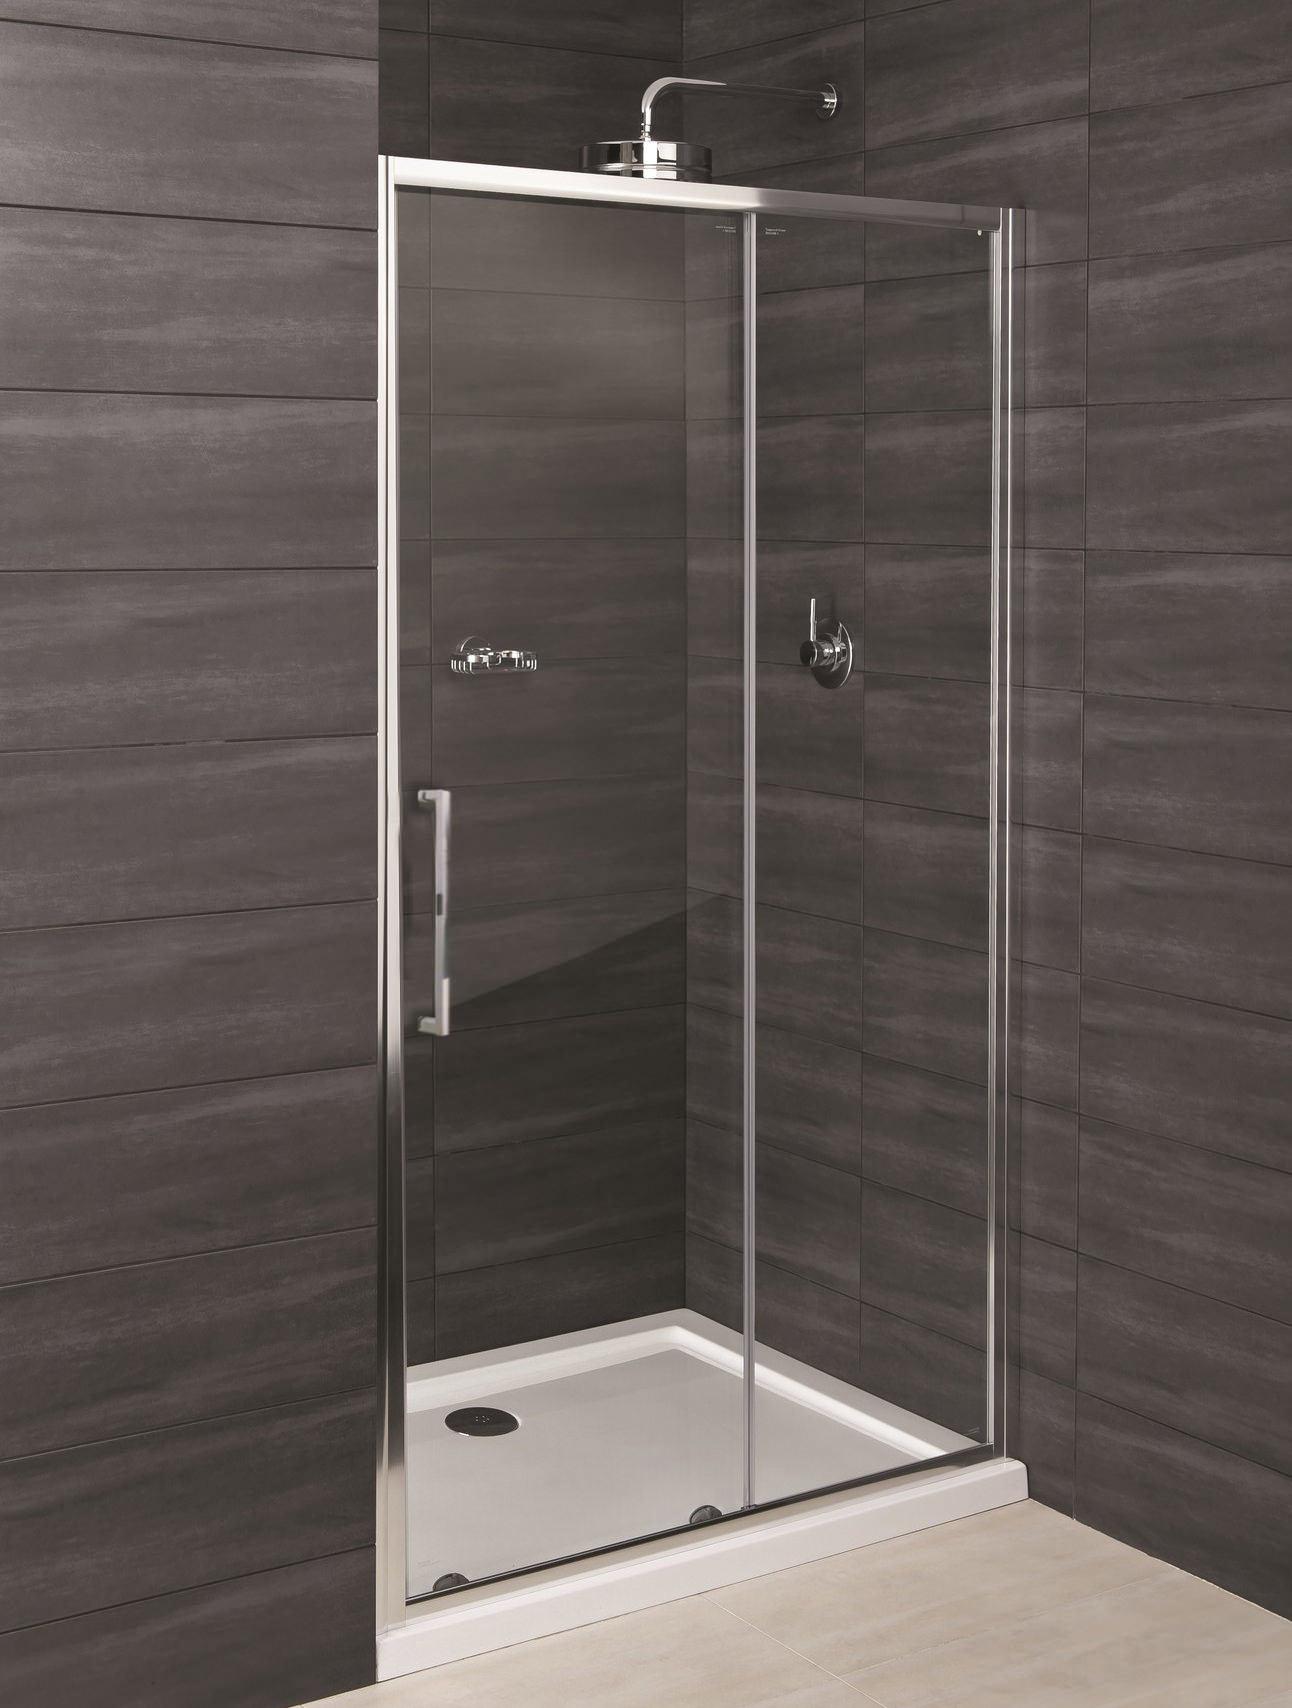 Rak deluxe 8 1000mm sliding shower door for 1000mm sliding shower door